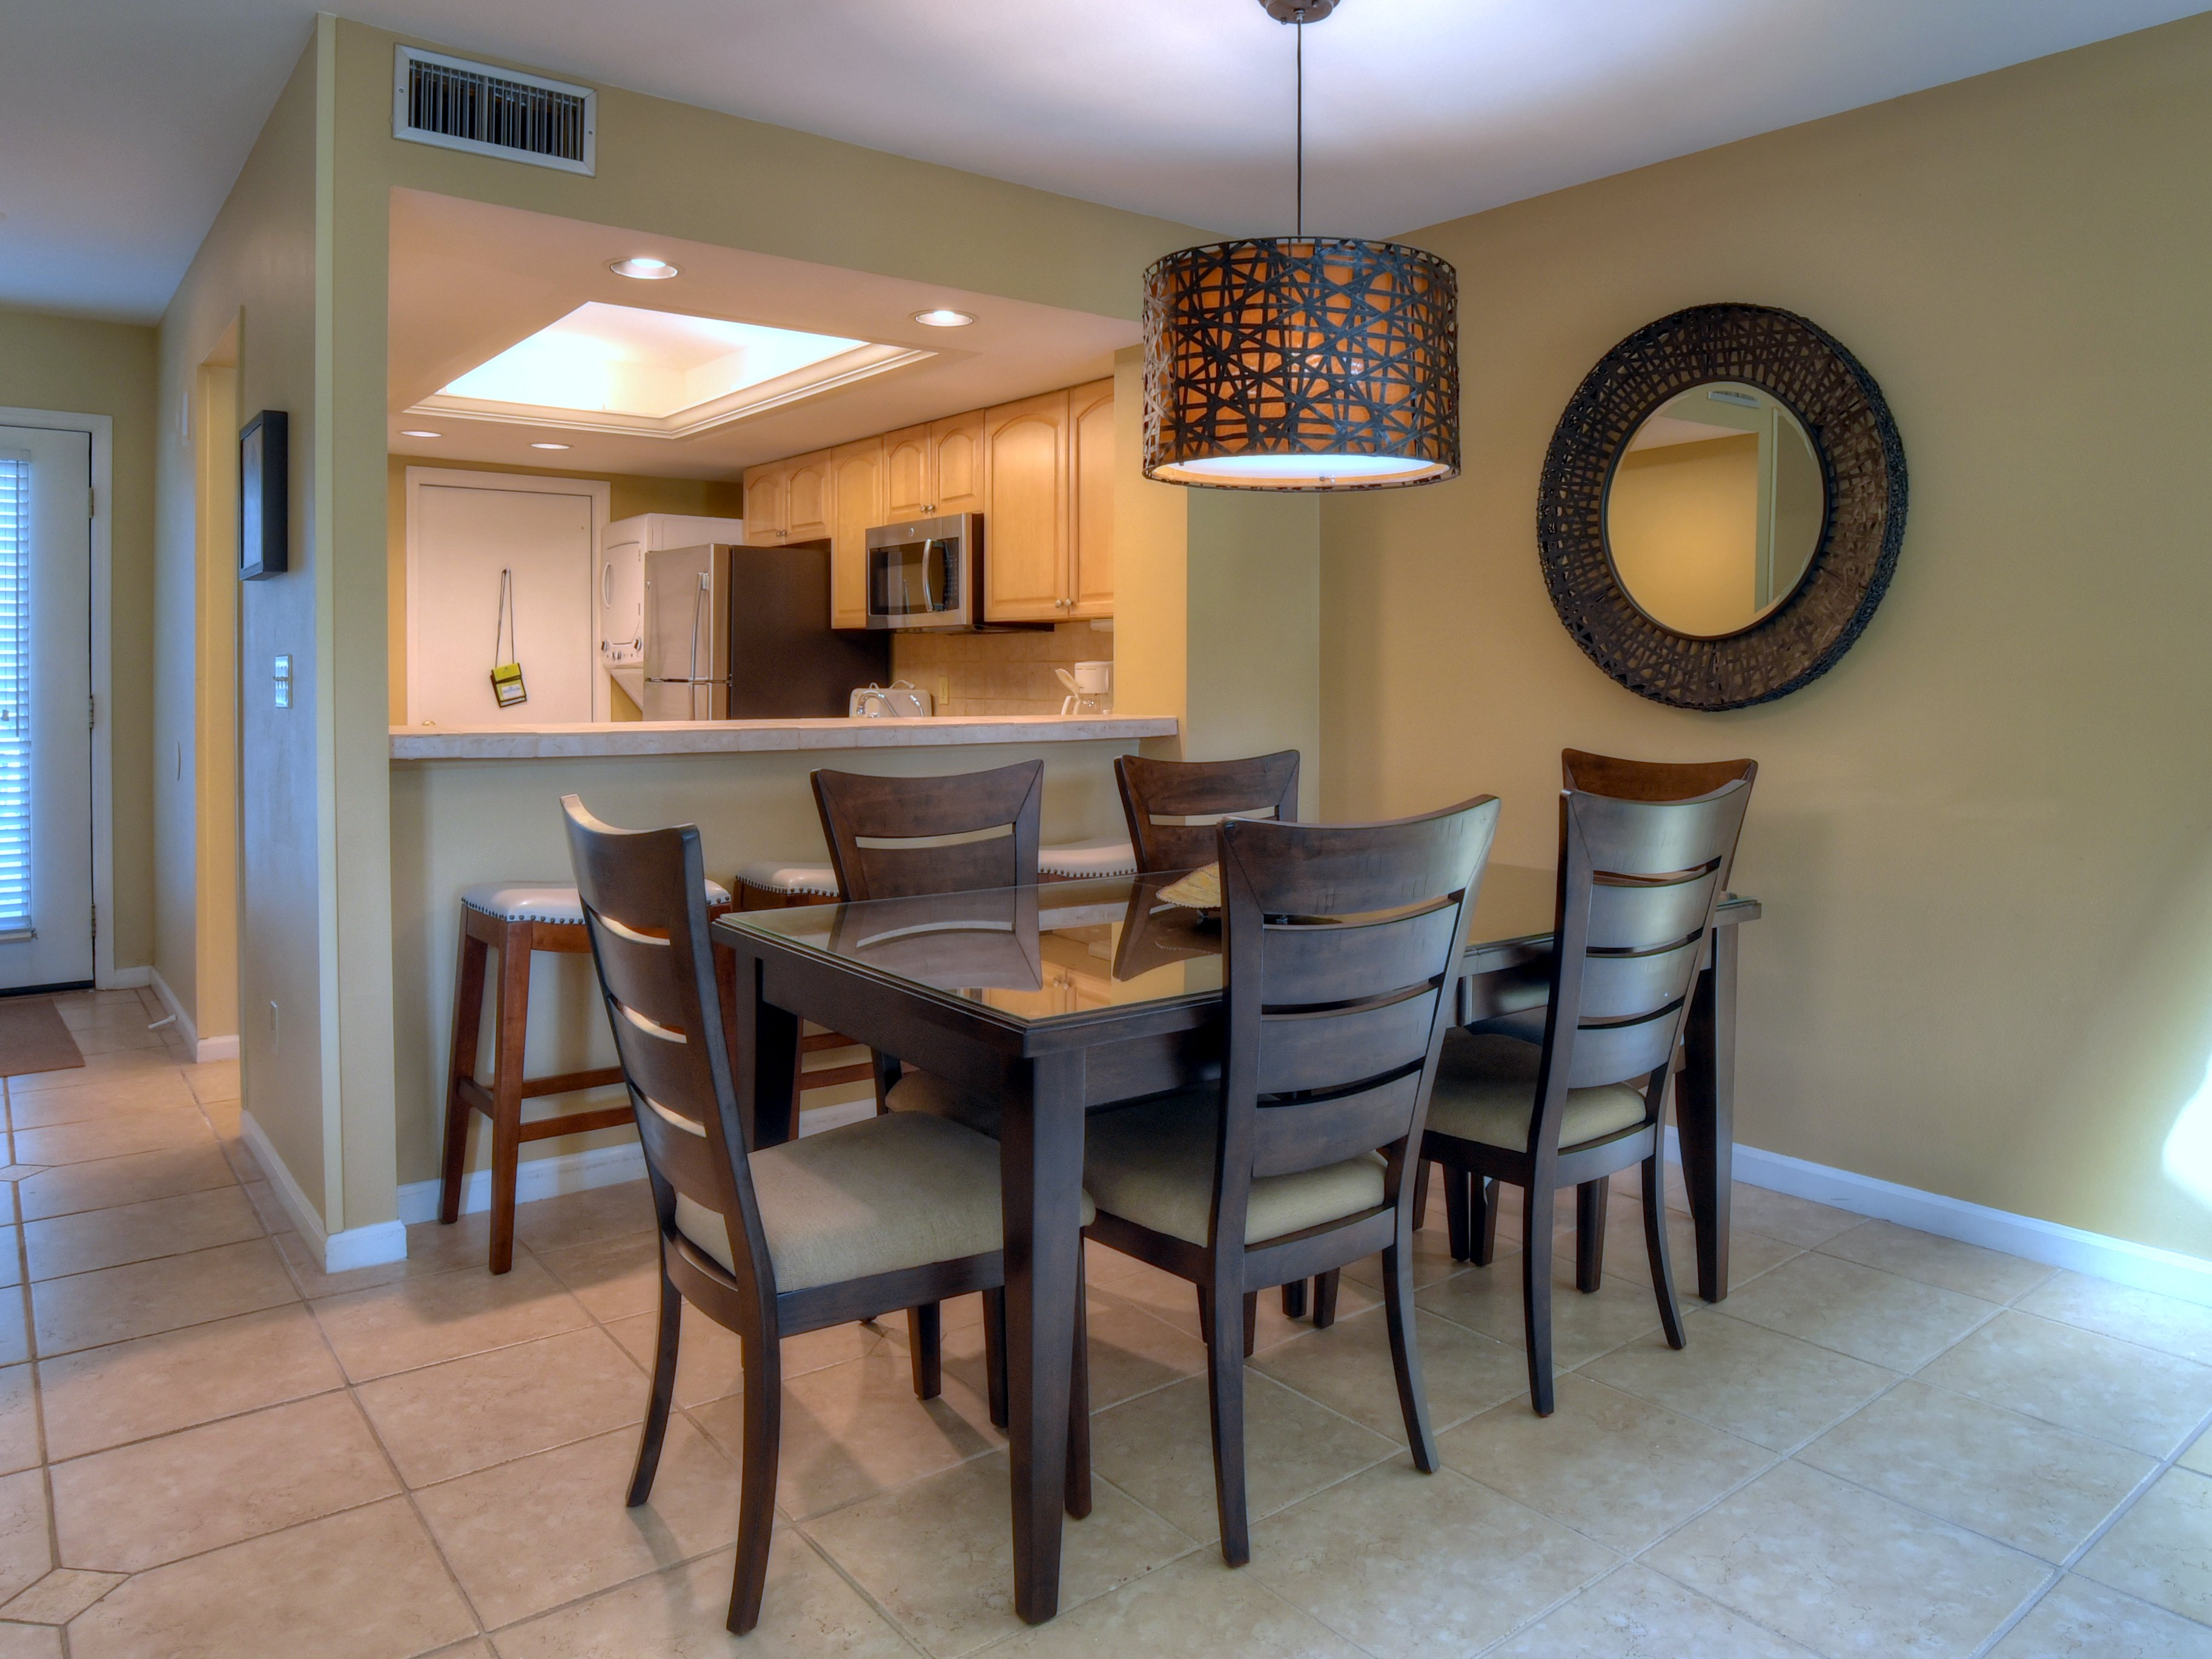 285 Fairways Condo rental in Sandestin Rentals ~ Cottages and Villas  in Destin Florida - #7